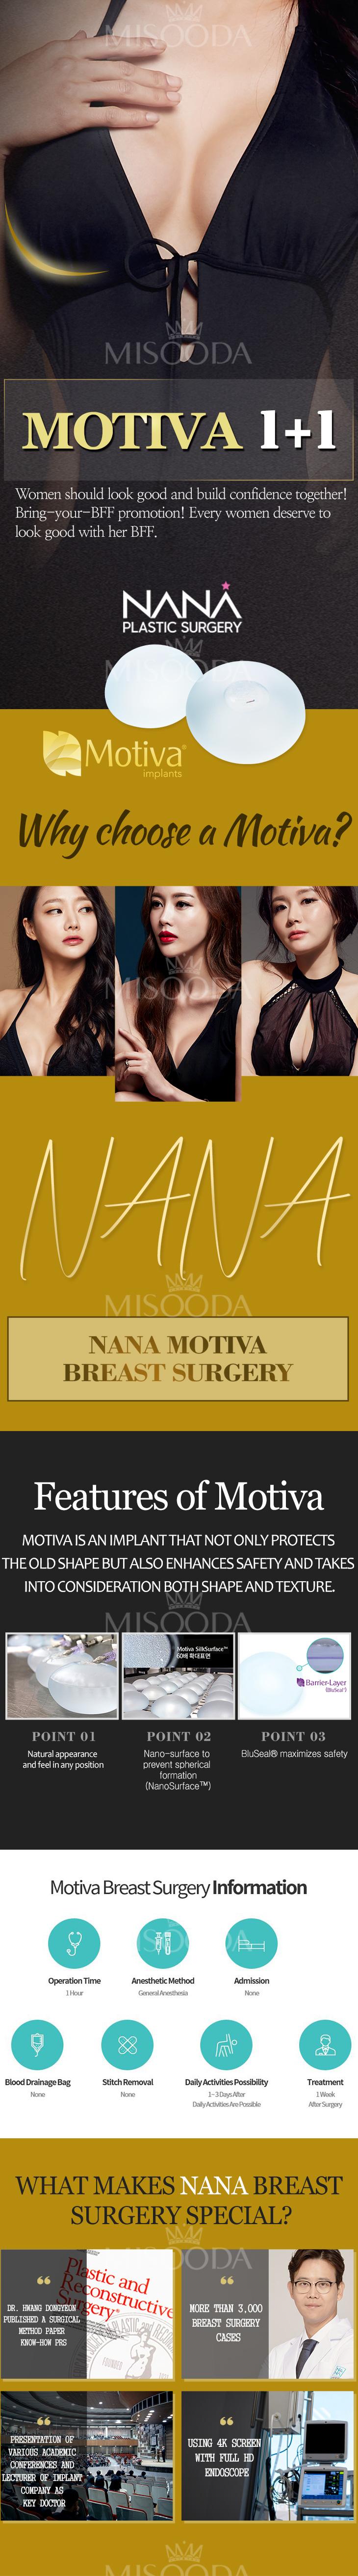 MOTIVA, SEBIN Breast Augmentation, 1+1